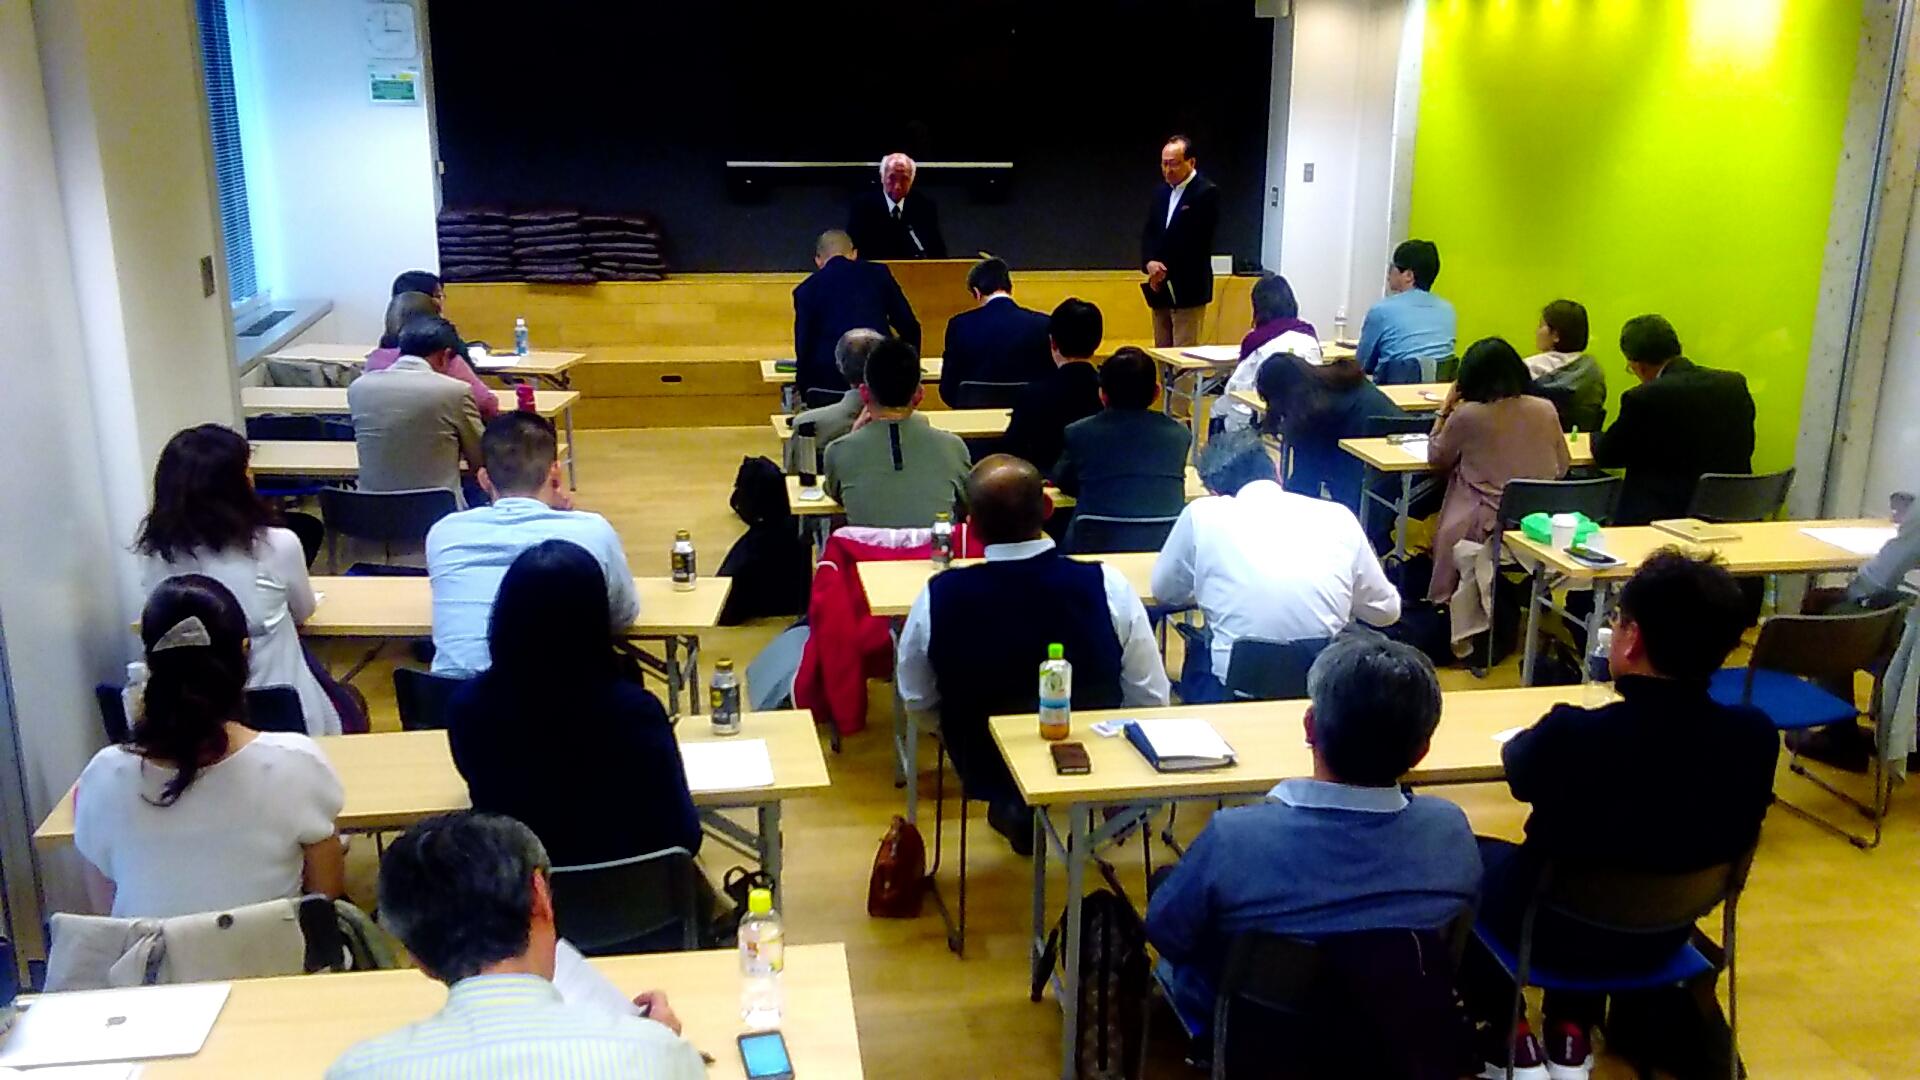 20180407145759 - 2018年4月7日東京思風塾開催しました。